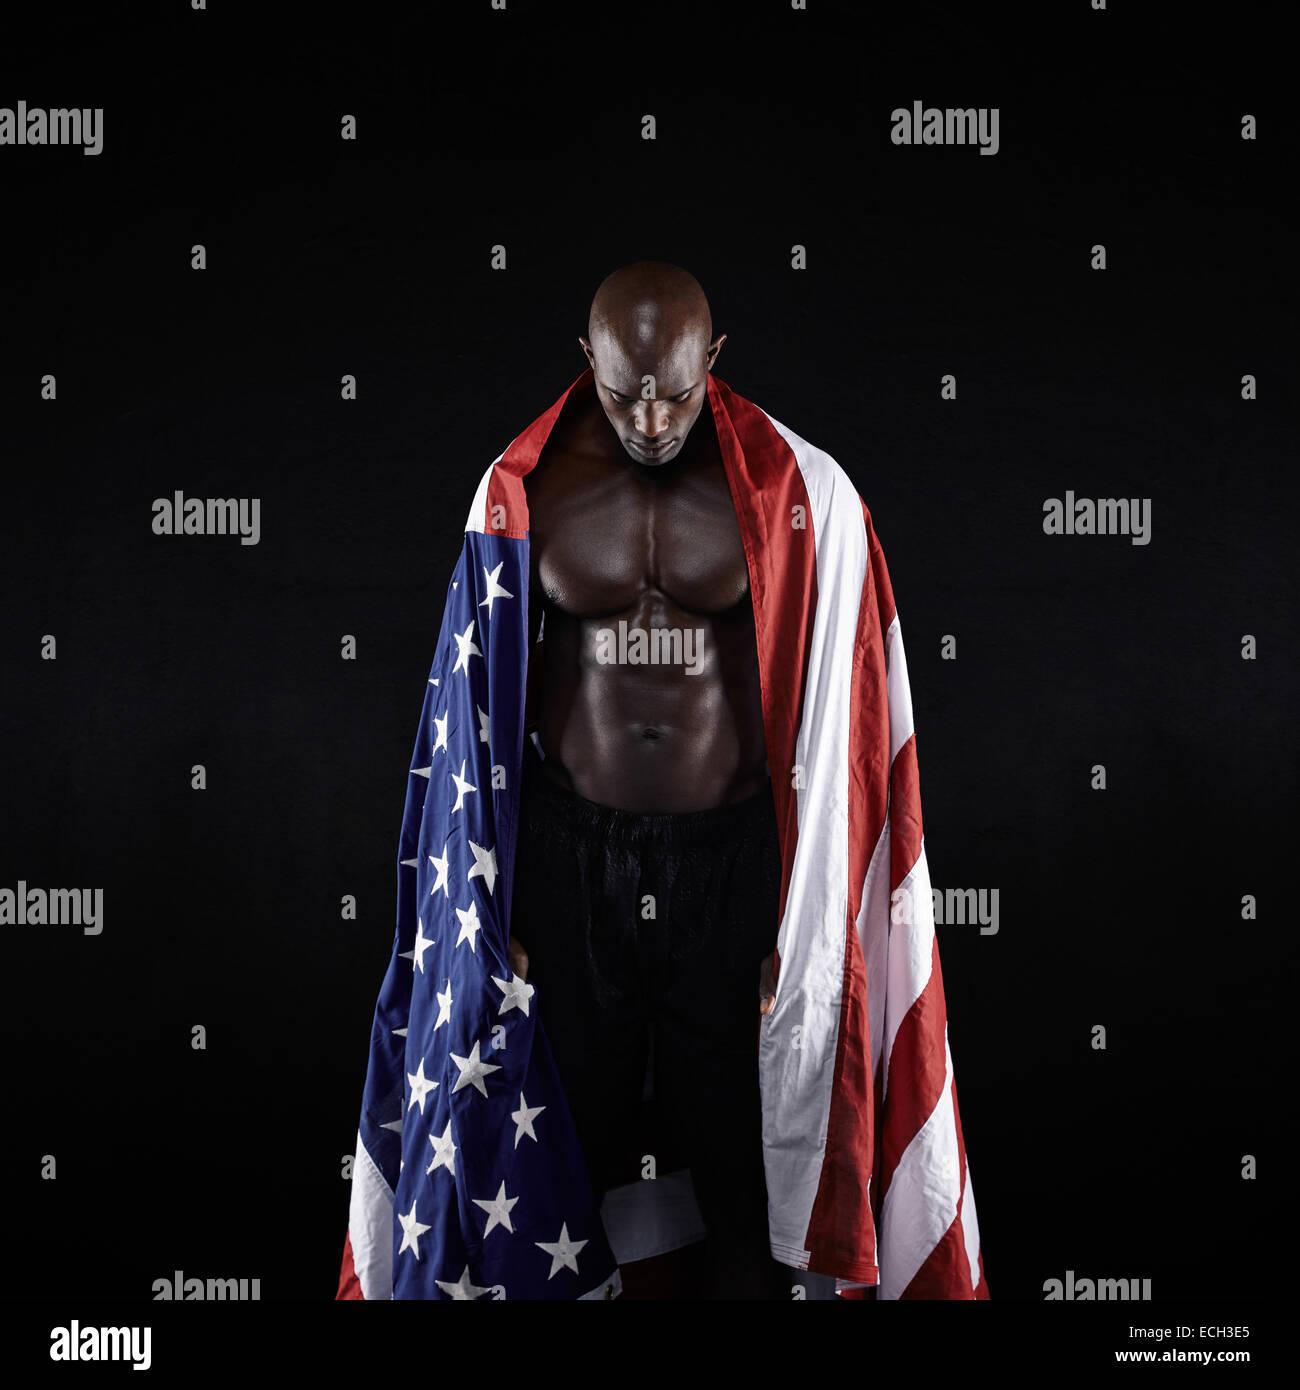 Atleta Masculino que llevaba una bandera Americana contra el fondo negro. Foto de estudio de deportista muscular Imagen De Stock